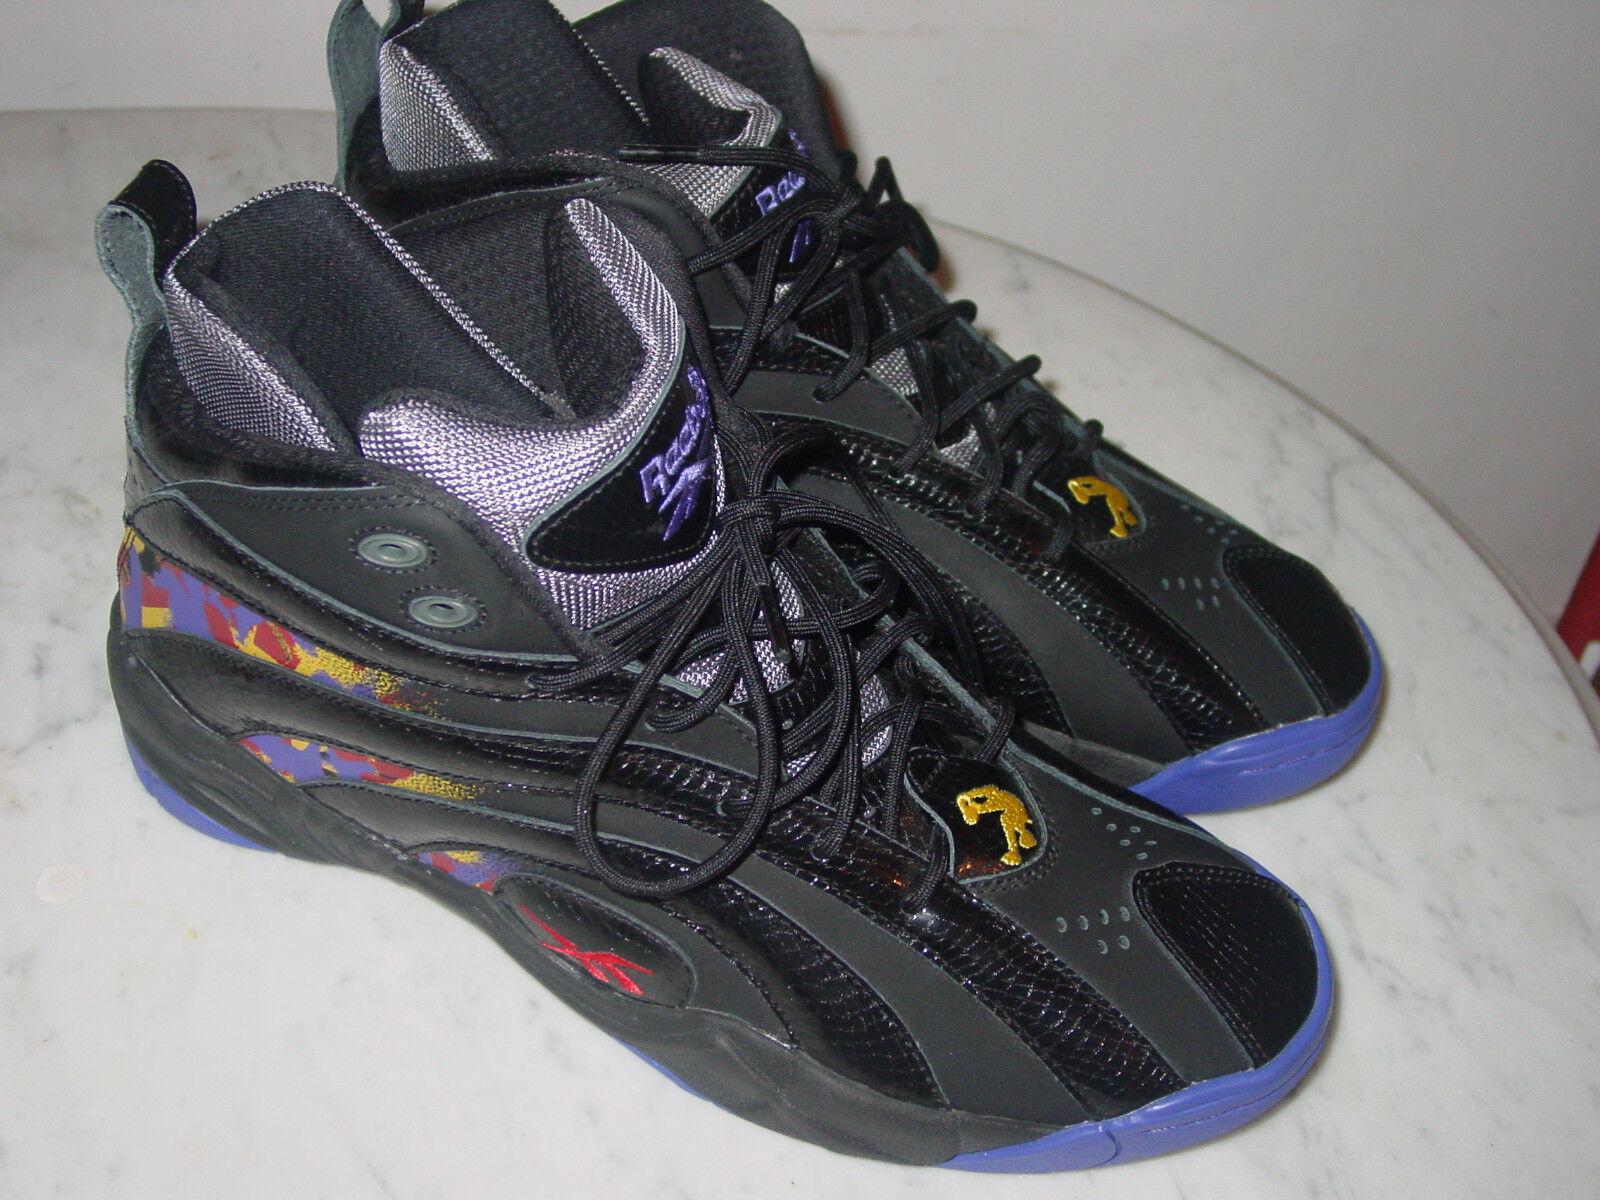 78dbce22108 Reebok Men s Shaqnosis OG Shoes V61028 A3 12 for sale online